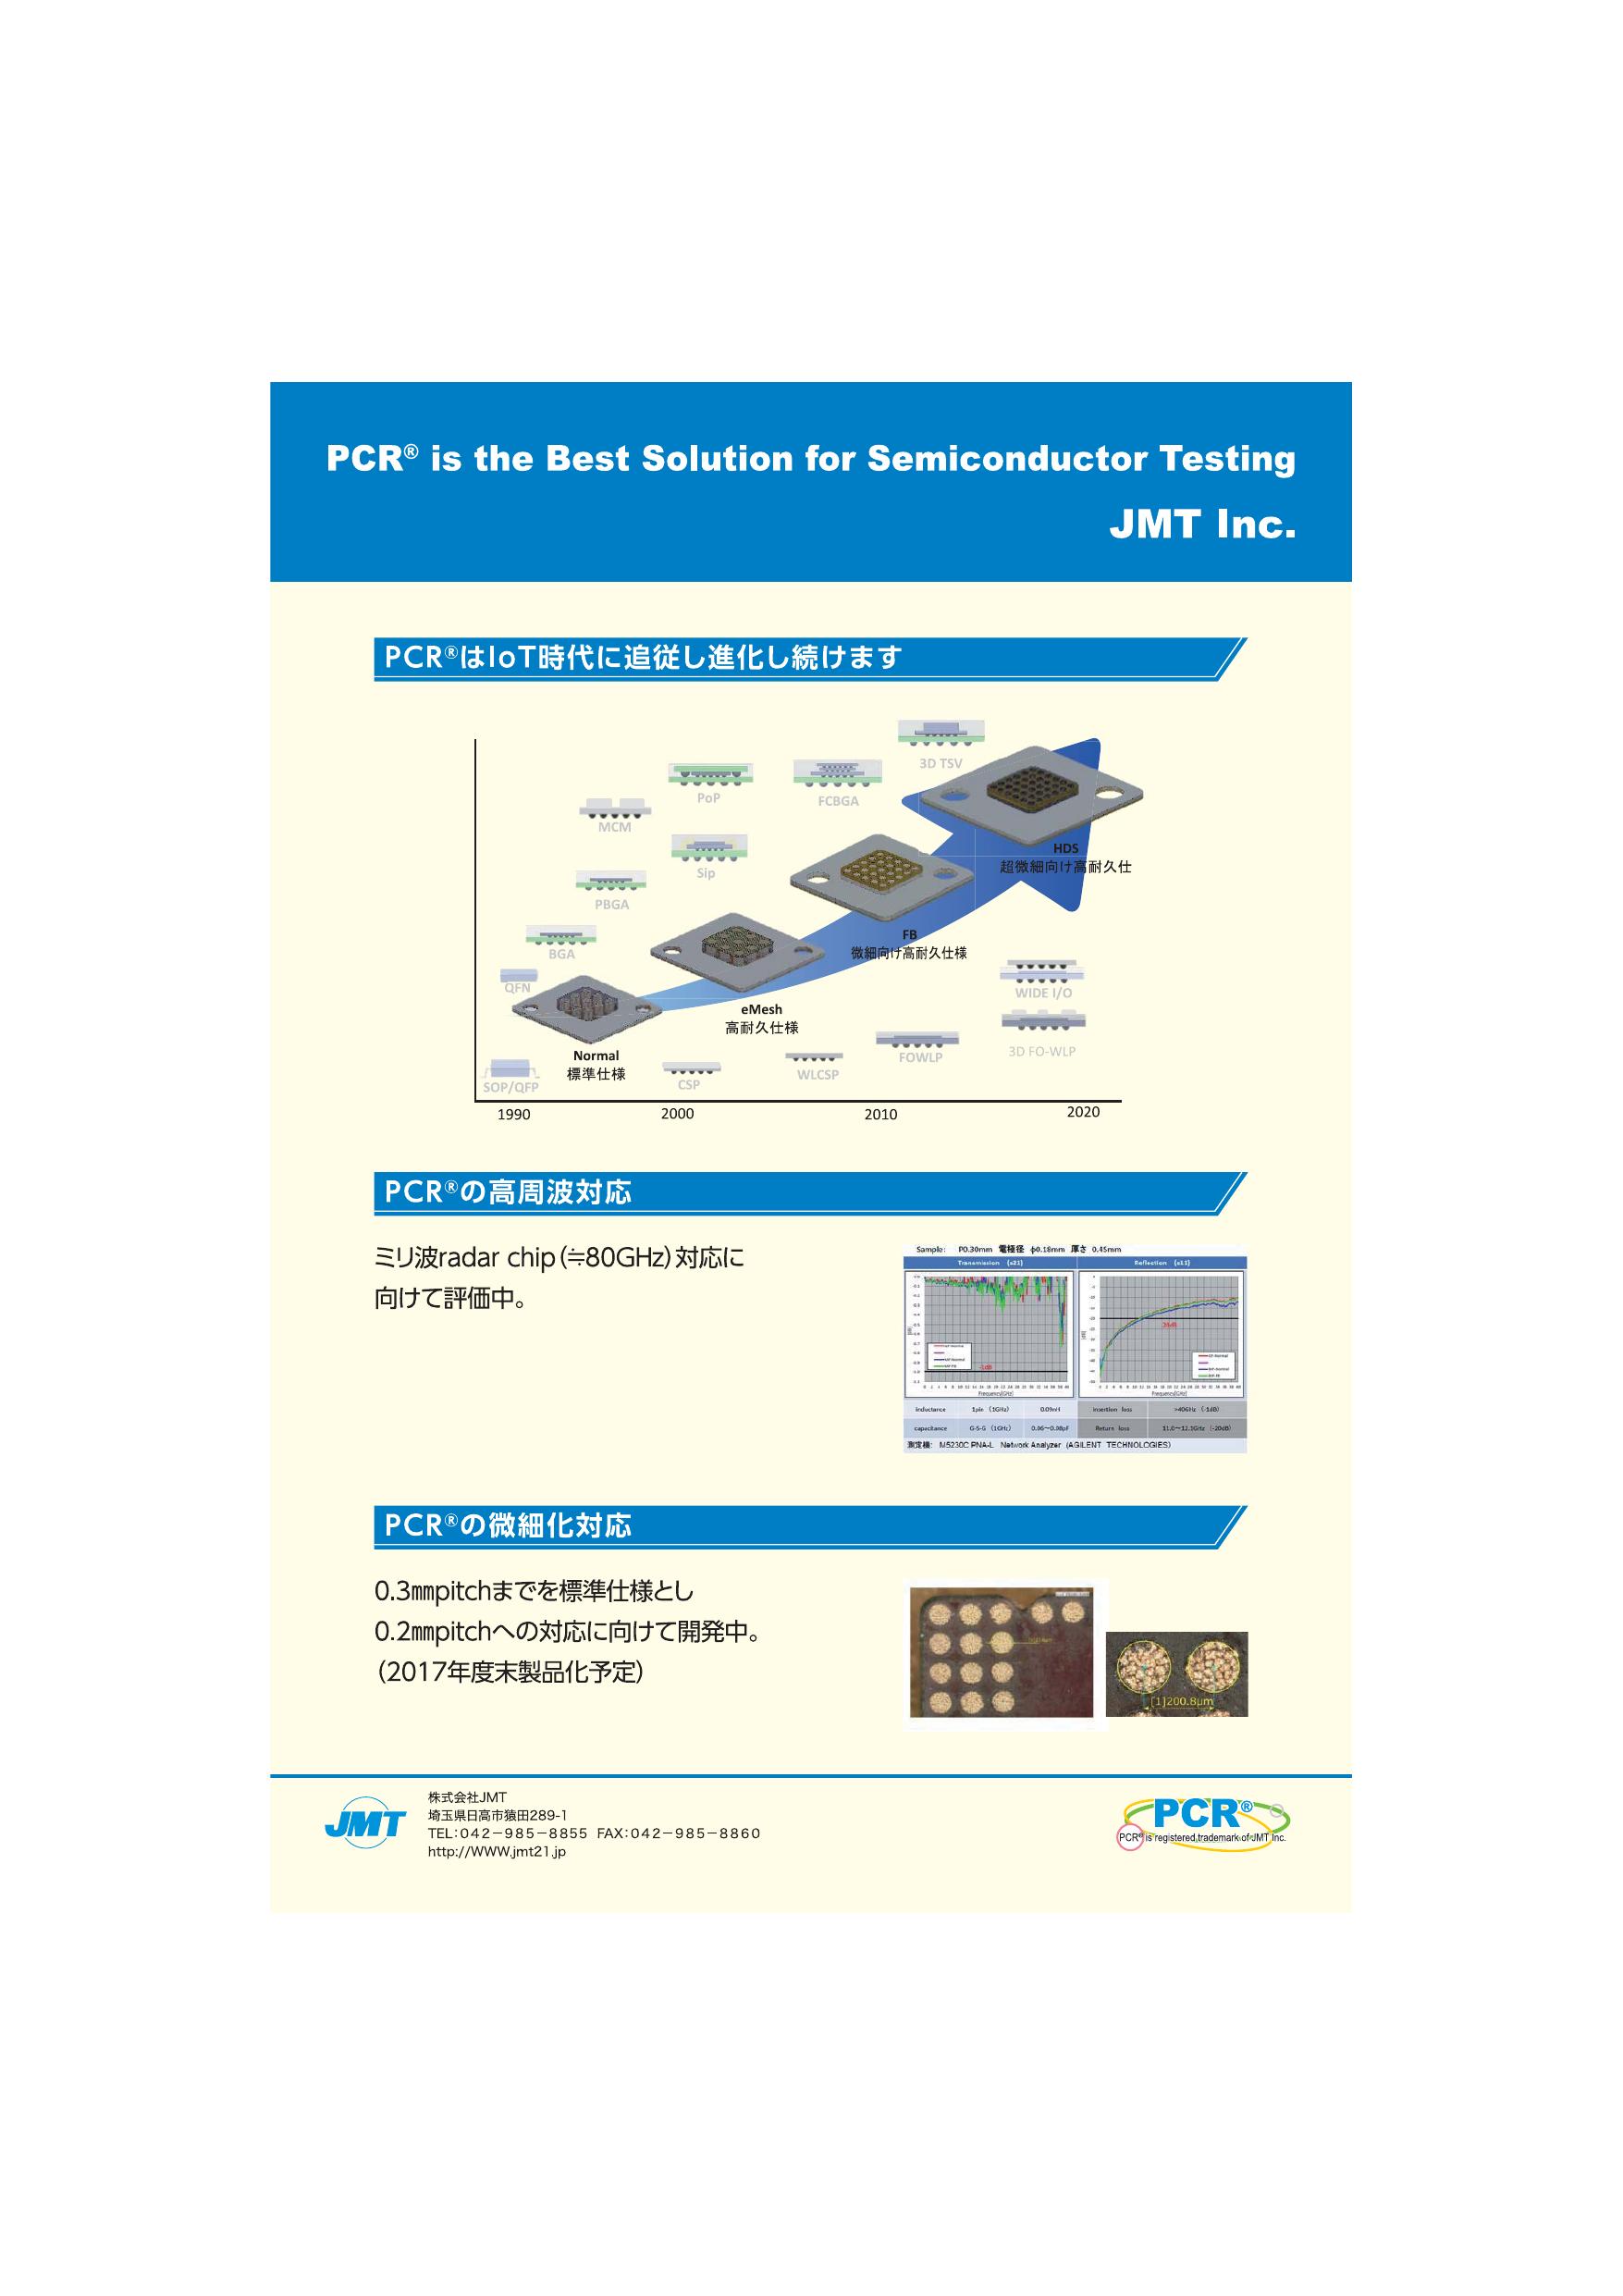 5G対応 低インダクタンスで高歩留まり検査を実現するPCRゴムシート